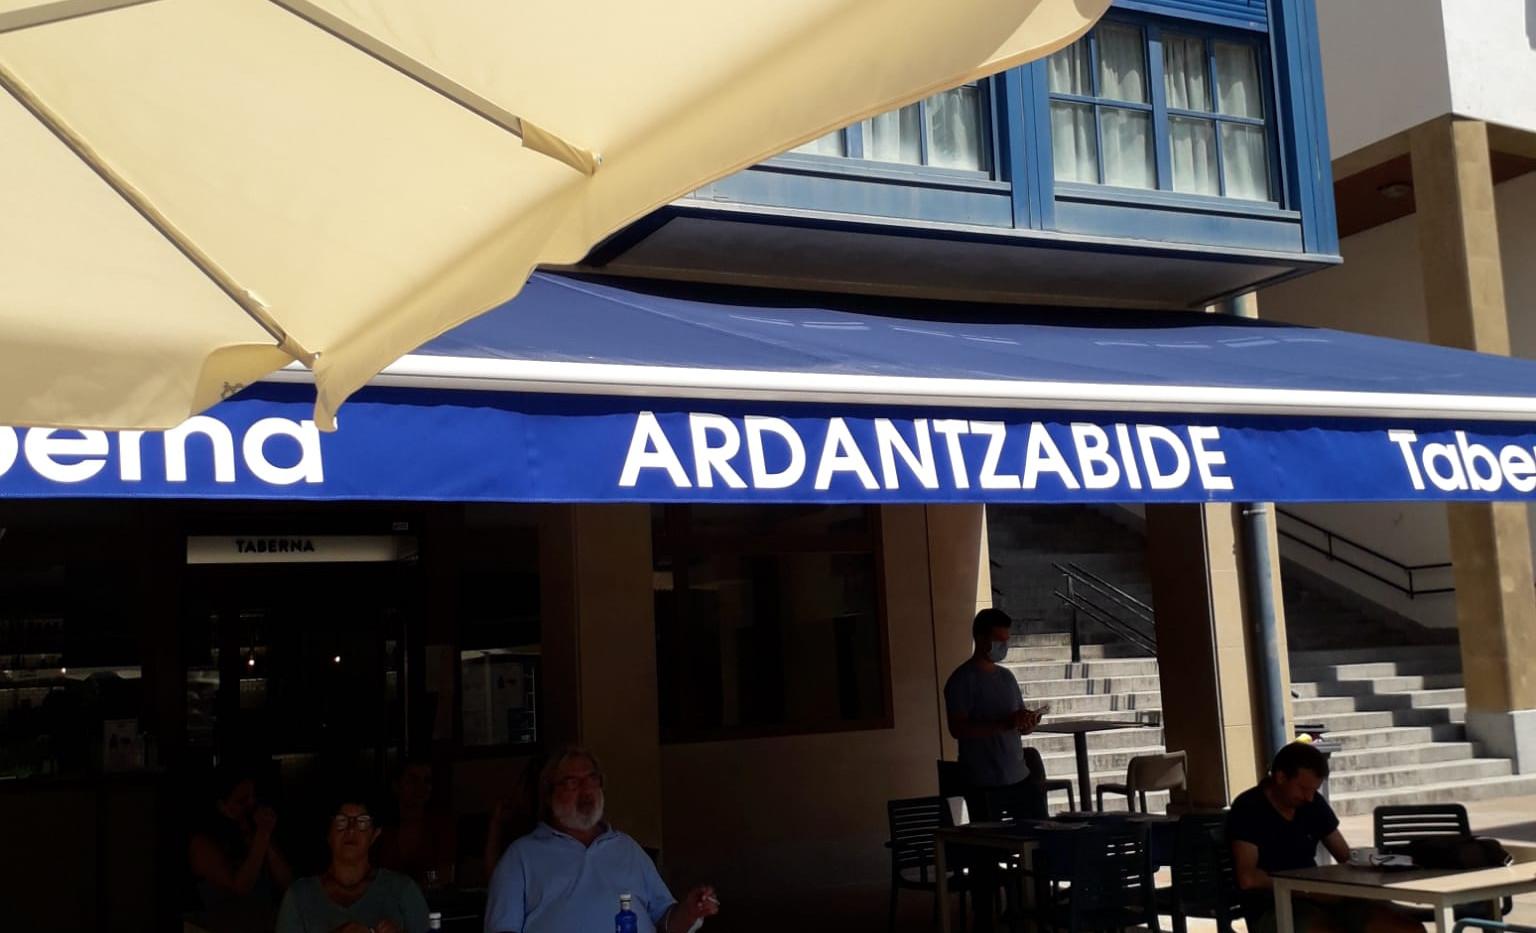 Ardantzabide